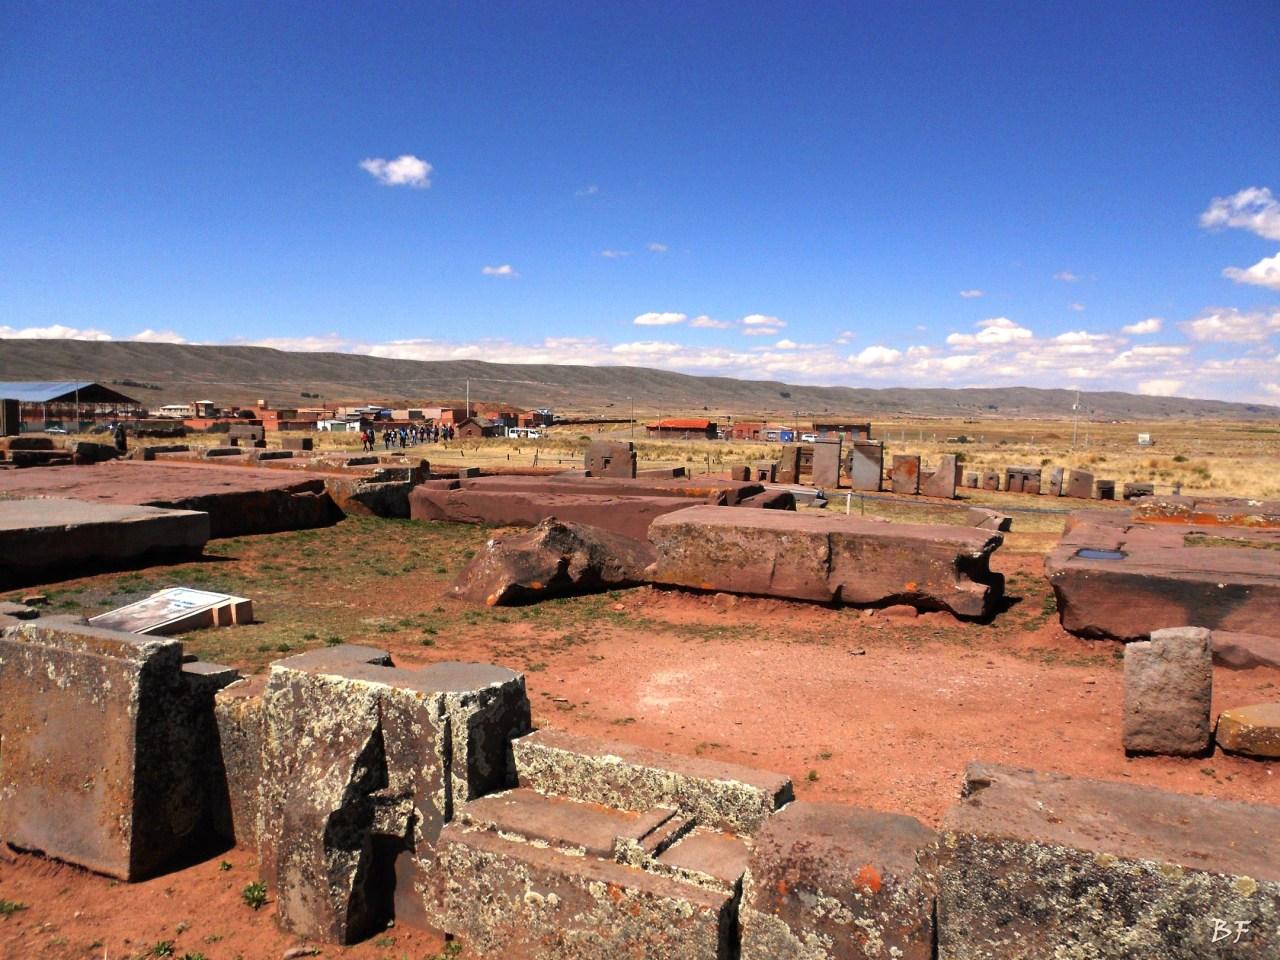 Puma-Punku-Area-Megalitica-Mura-Poligonali-Megaliti-Tiwanaku-Tiahuanaco-Bolivia-31